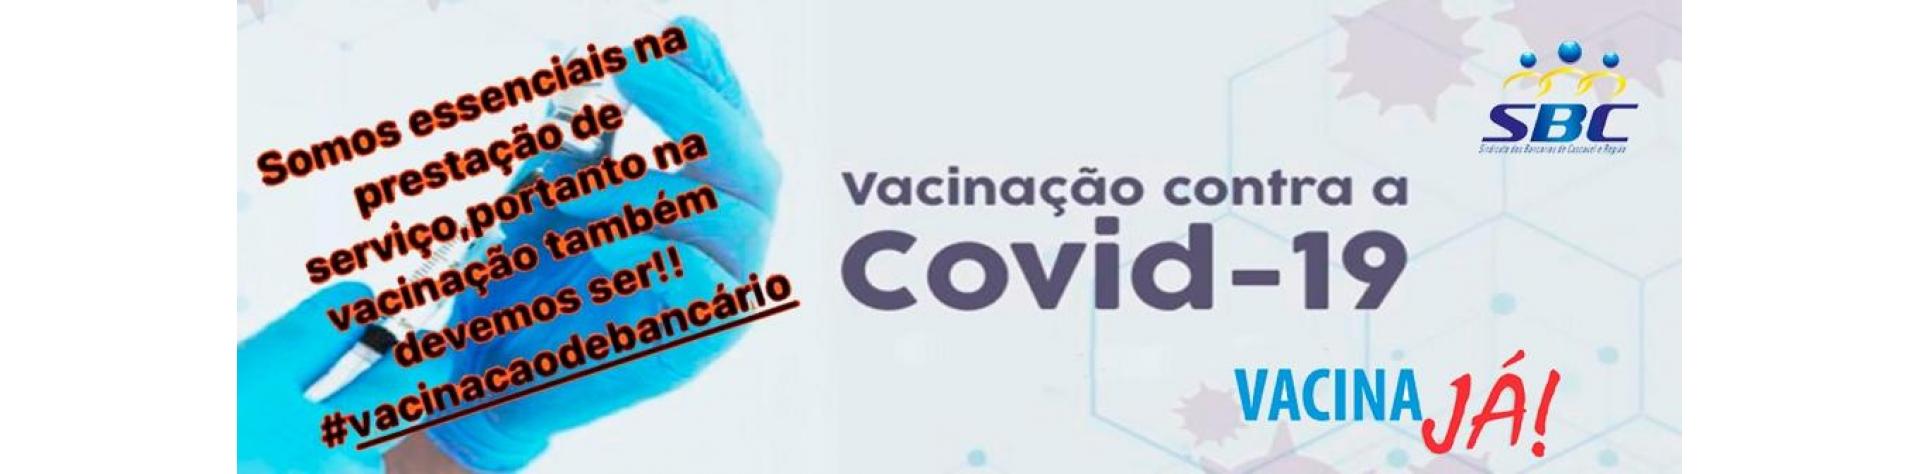 Vacinação de bancários